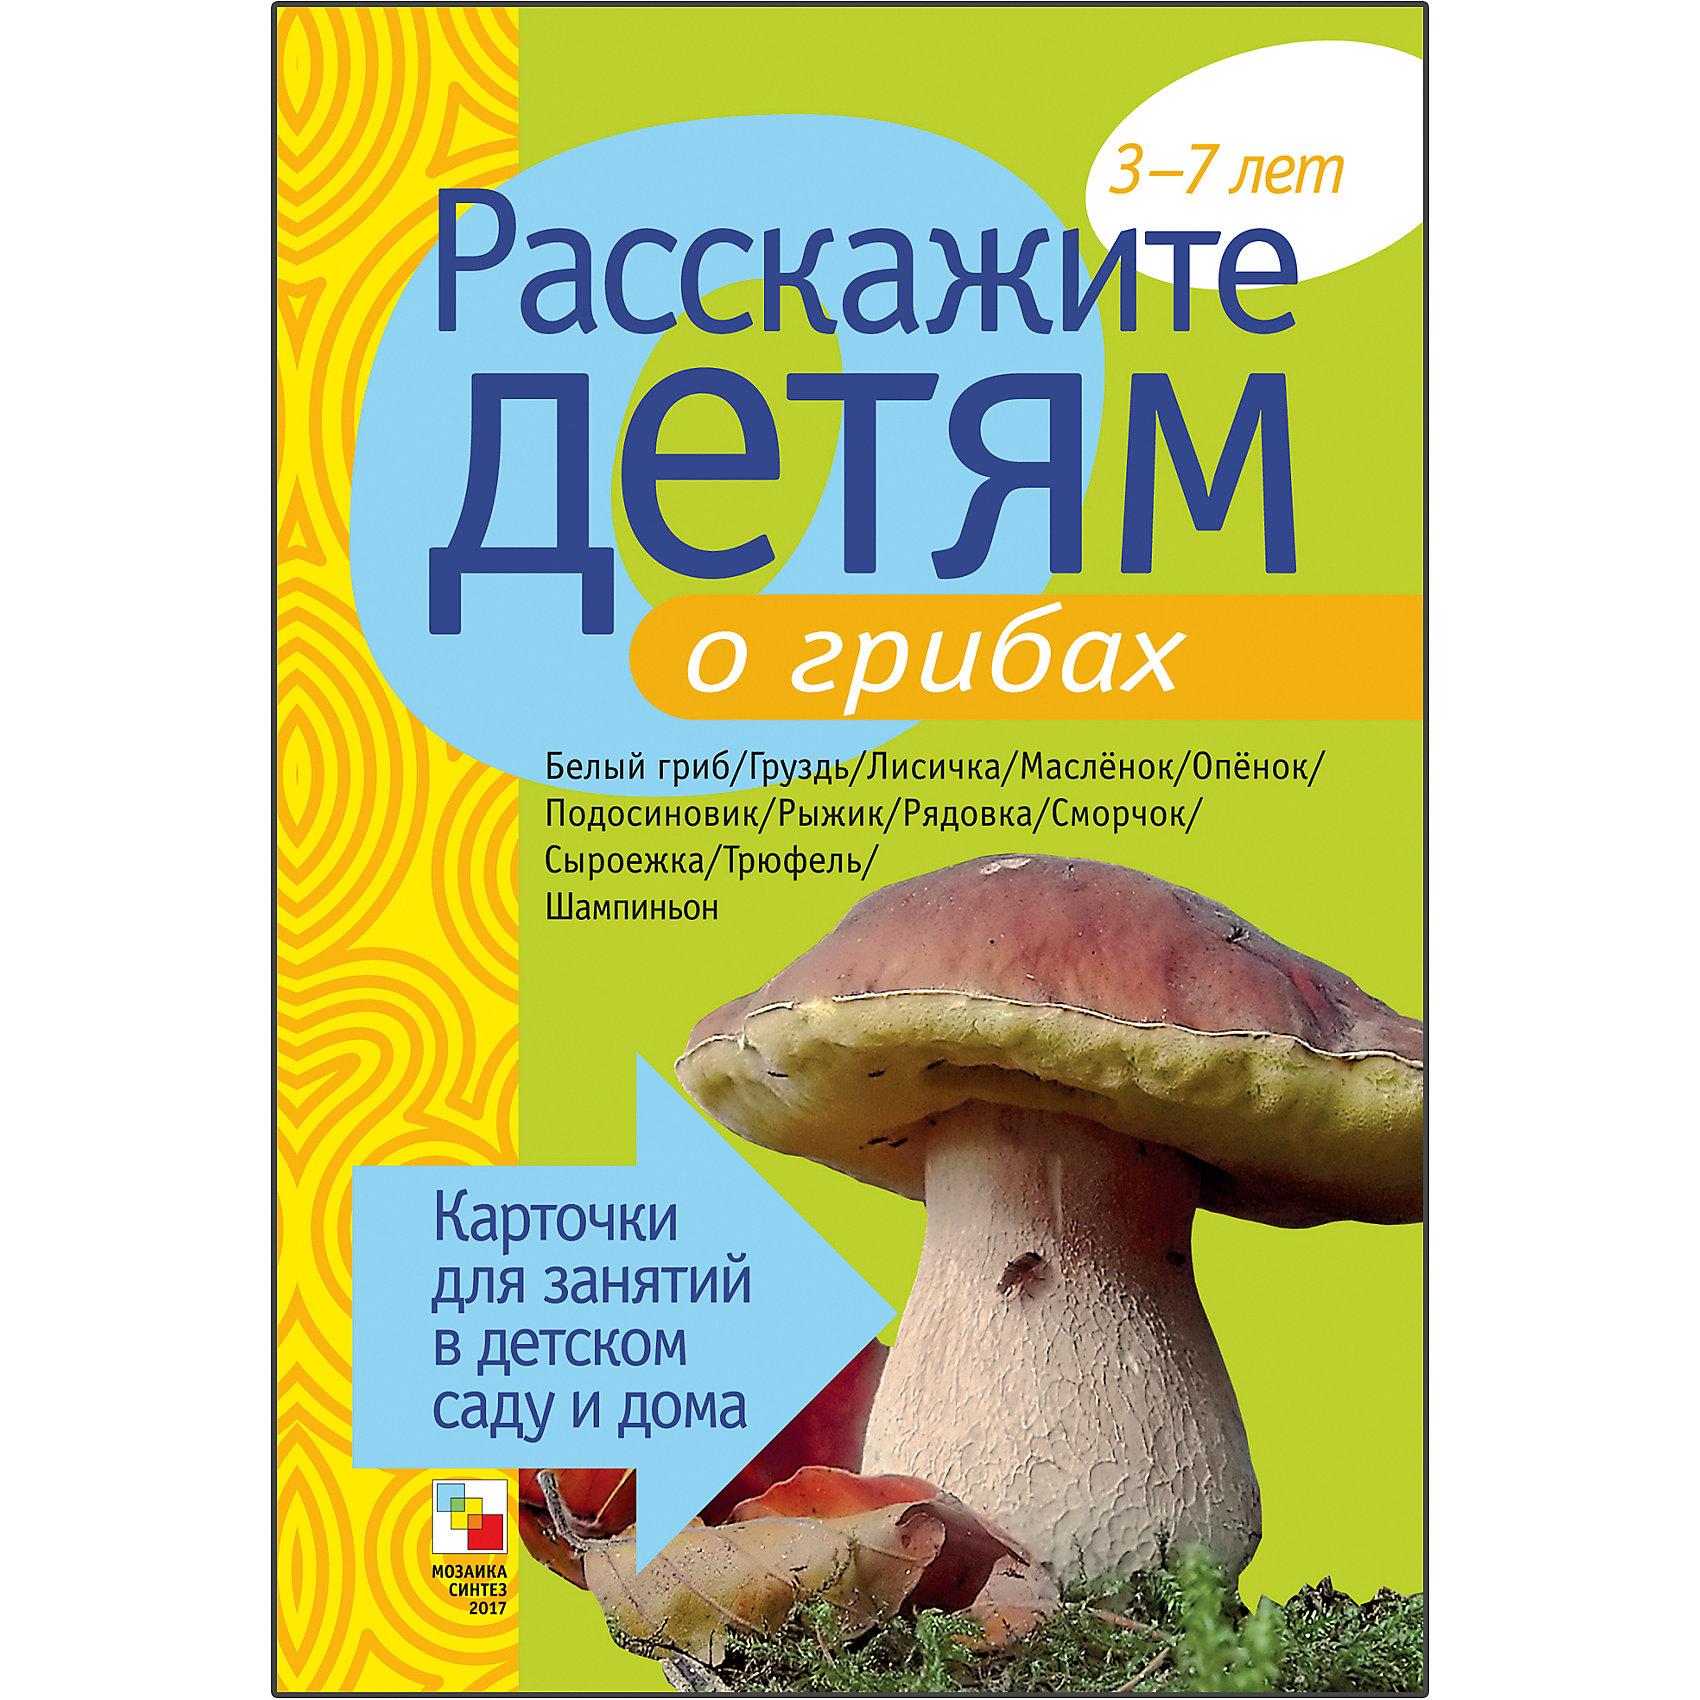 Карточки Расскажите детям о грибах, Мозаика-СинтезРазвивающие игры<br>Пособие Расскажите детям о грибах, Мозаика-Синтез<br><br>Характеристики:<br><br>• Издательство: МОЗАИКА-СИНТЕЗ<br>• ISBN: 9785867758103<br>• Тип: папка с карточками, обложка твердая.<br>• Возраст: от 3-7 лет.<br>• Размер книги: 210х150х5 мм.<br>• Количество страниц: 24<br><br>Пособие с яркими четкими картинками поможет Вам рассказать малышам о грибах. Они узнают много нового и интересного о белых, сыроежках, лисичках, груздях, трюфелях и о многих других. На оборотной стороне карточек содержатся необходимые сведения, стихи, поговорки и загадки о них. Эта информация поможет сделать ваш рассказ увлекательным и познавательным для каждого малыша.<br><br>Пособие Расскажите детям о грибах, Мозаика-Синтез, можно купить в нашем интернет – магазине.<br><br>Ширина мм: 5<br>Глубина мм: 150<br>Высота мм: 210<br>Вес г: 114<br>Возраст от месяцев: 36<br>Возраст до месяцев: 84<br>Пол: Унисекс<br>Возраст: Детский<br>SKU: 5428909